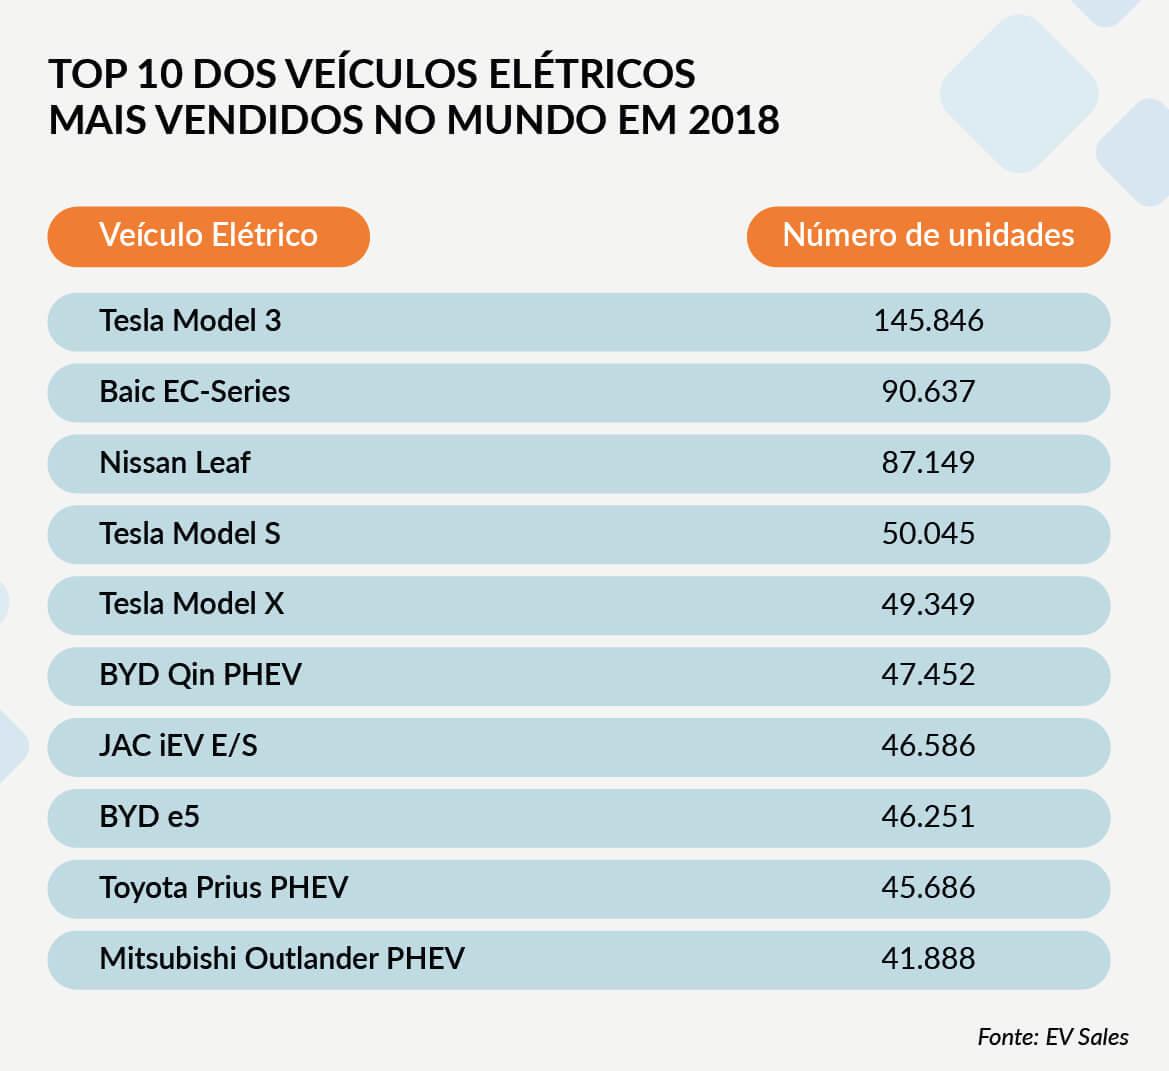 China no mercado de veiculos elétricos - Top 10 dos veículos elétricos mais vendidos no mundo em 2018